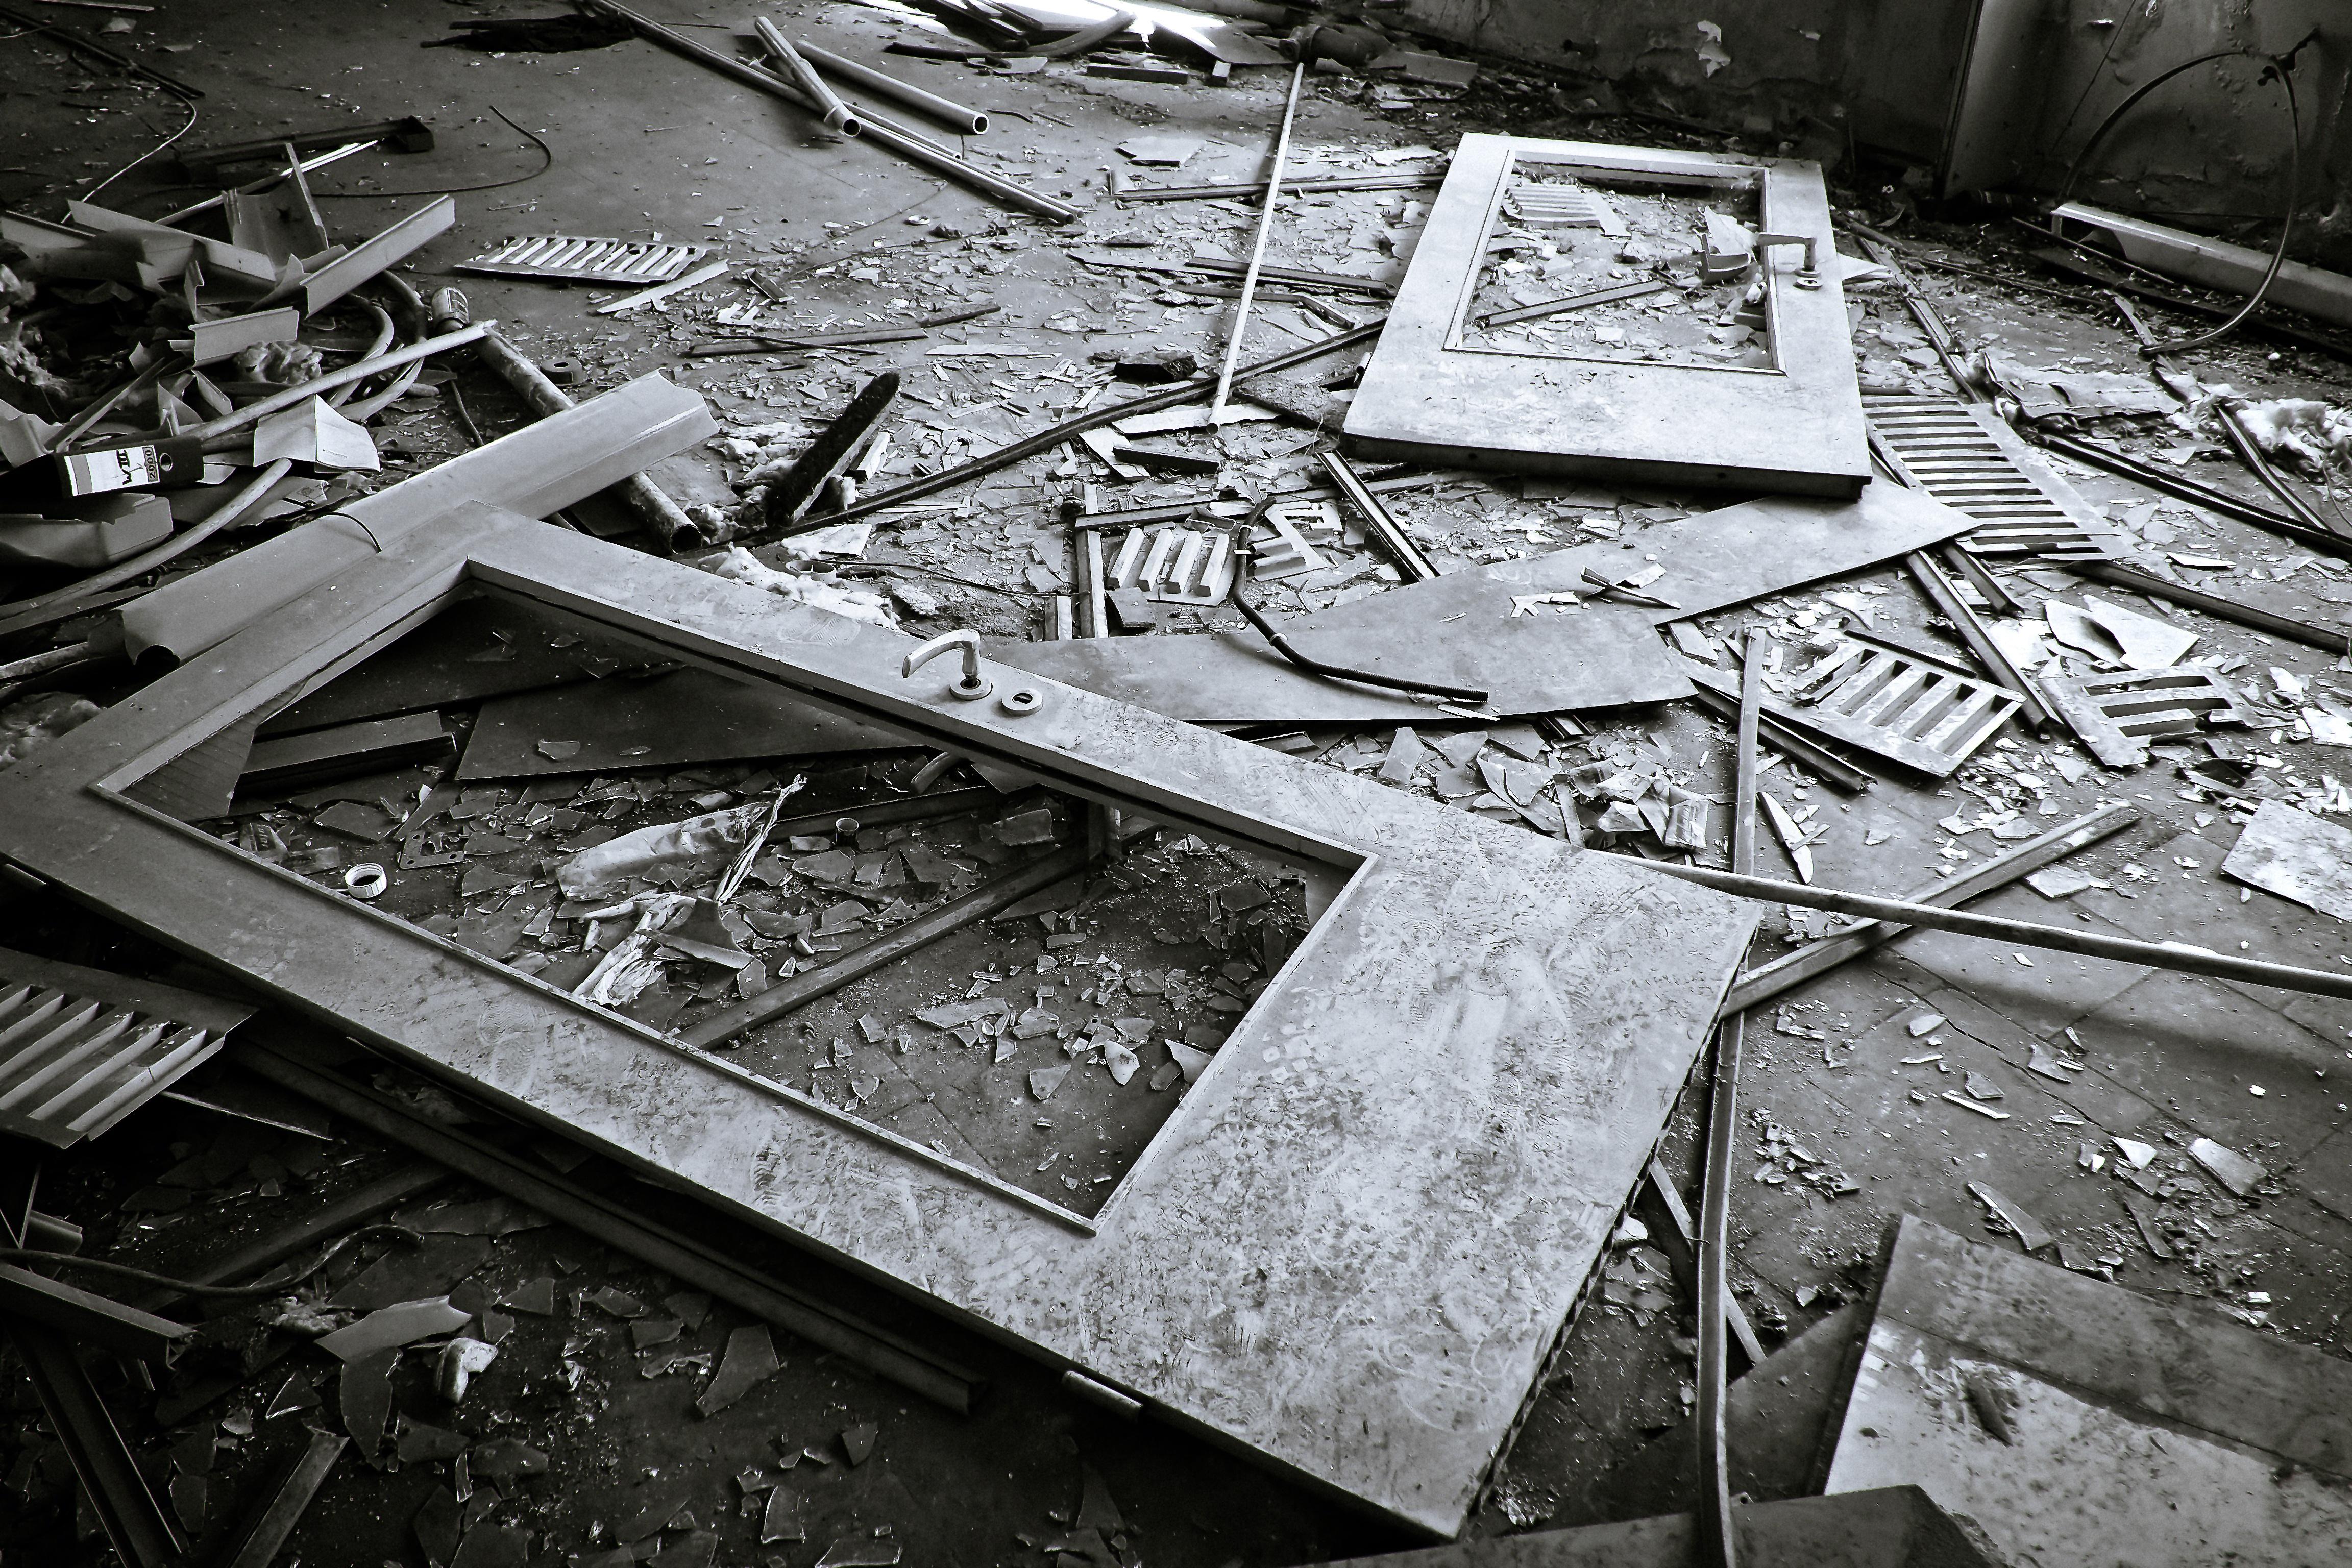 Kostenlose Foto : Schwarz Und Weiß, Die Architektur, Holz, Fenster, Alt,  Atmosphäre, Dunkel, Gebrochen, Büro, Industrie, Zerfallen, Ruine, Möbel,  Einfarbig, ...